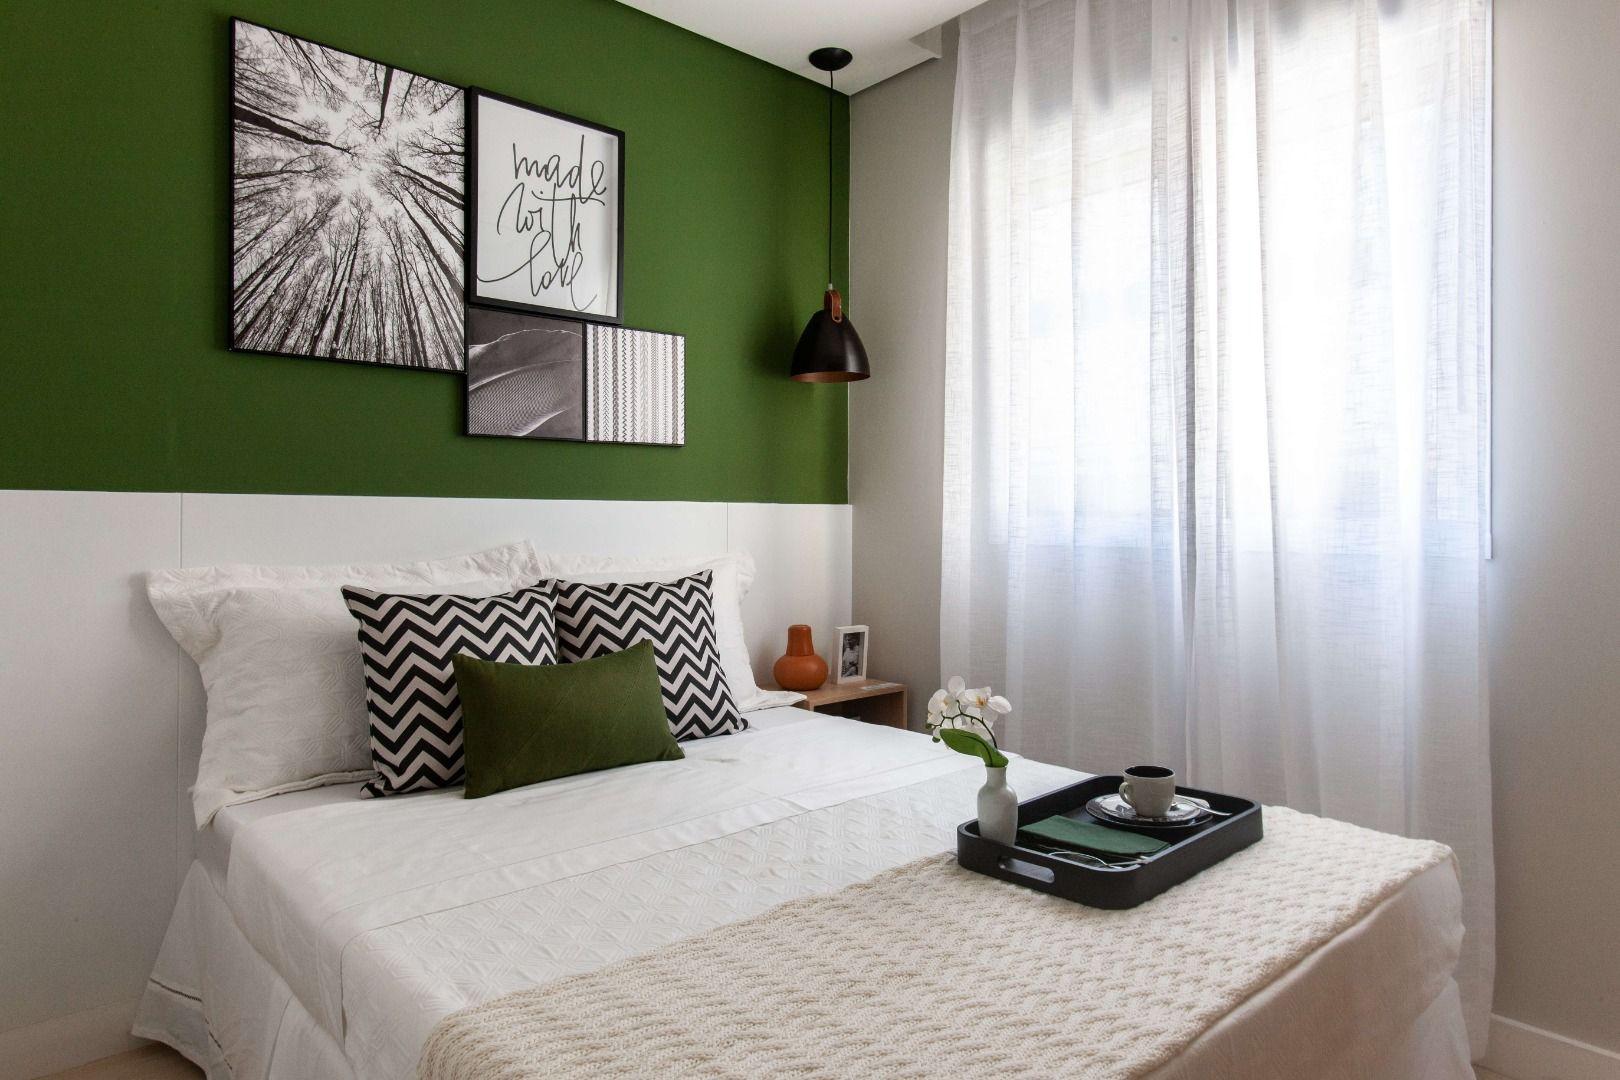 QUARTO - Imagens do apartamento decorado do Dez Gamelinha 2